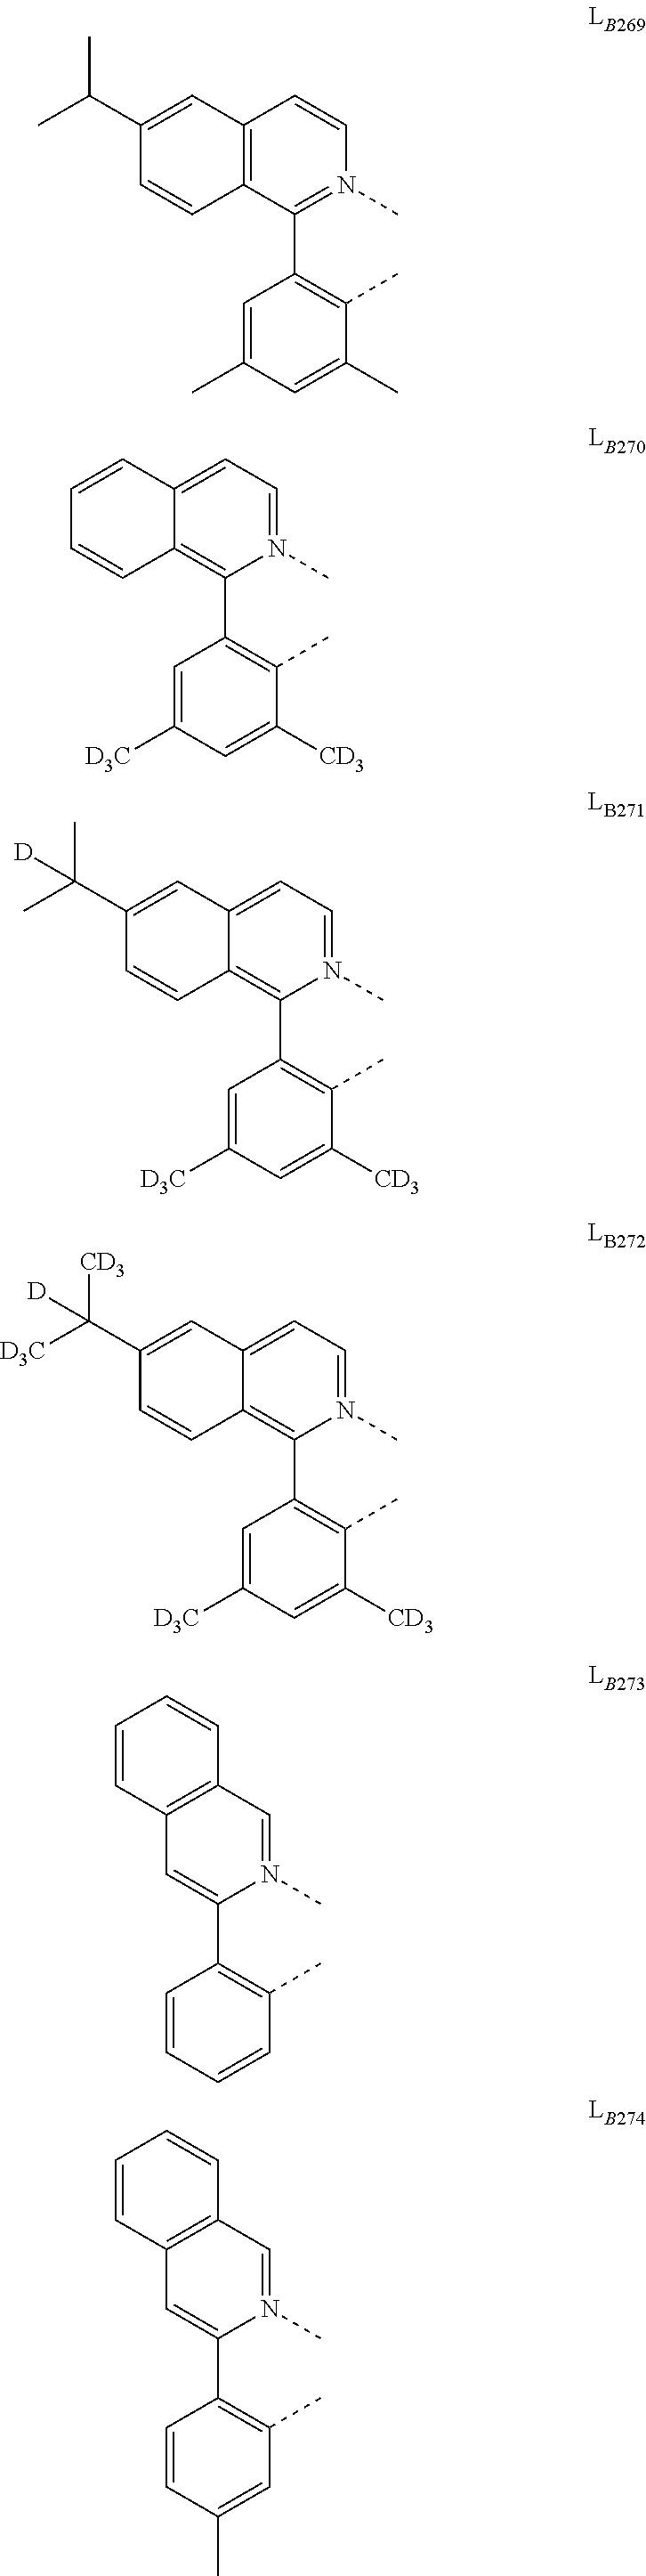 Figure US20180130962A1-20180510-C00121